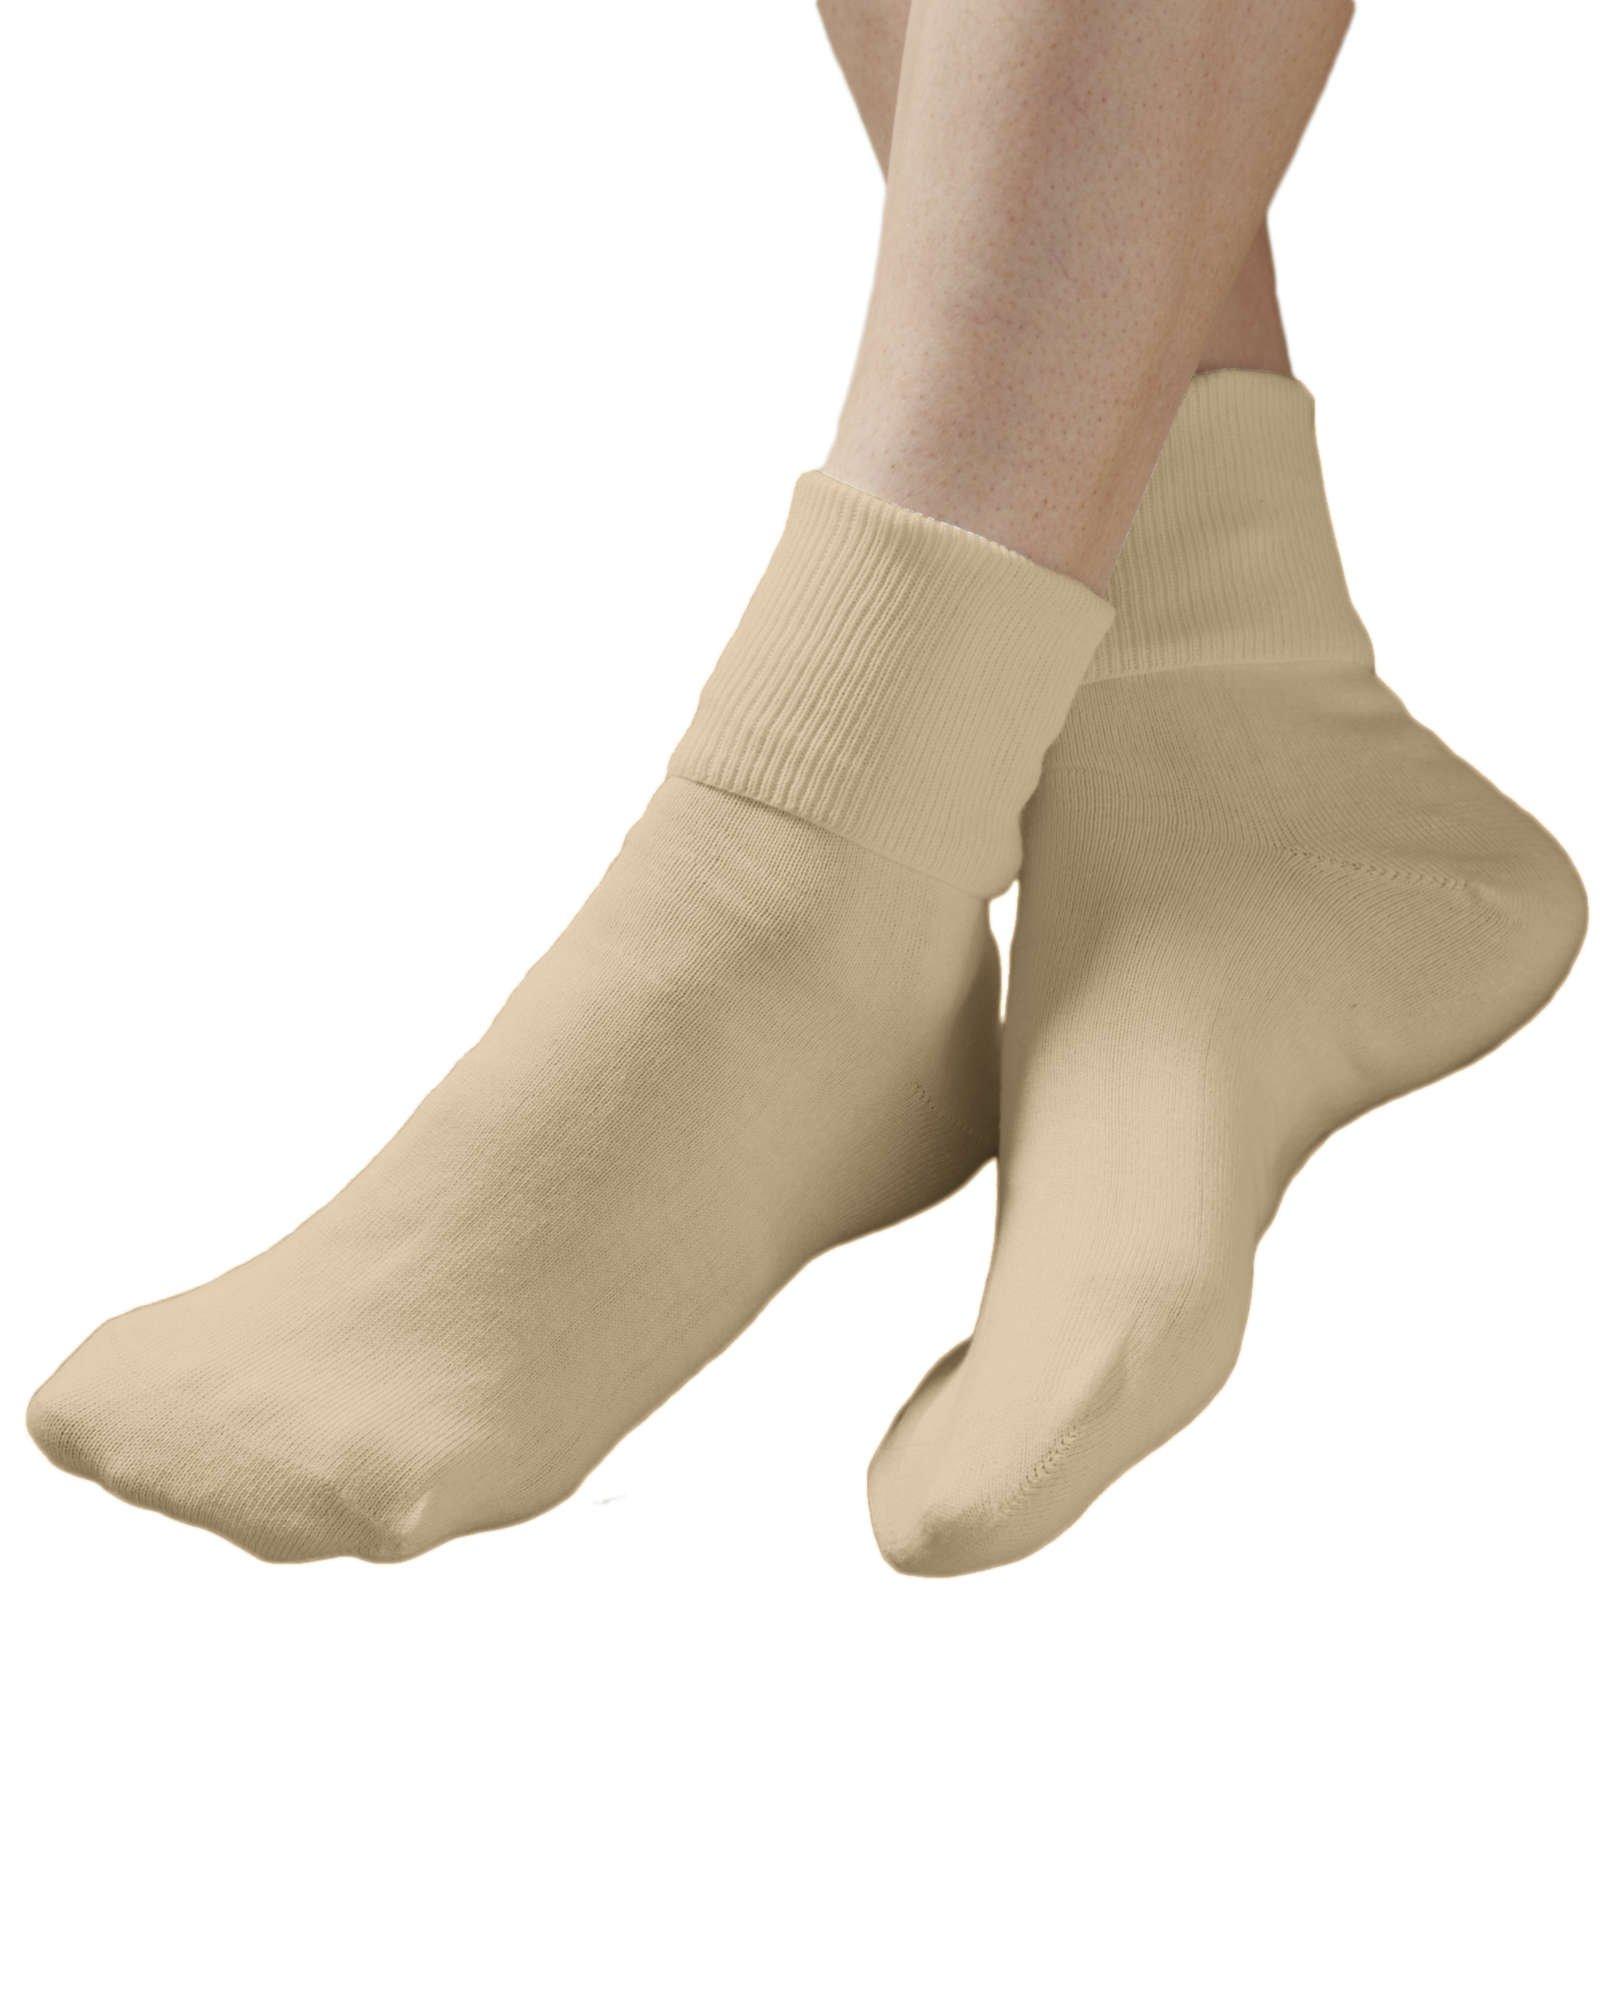 Buster Brown 100% Cotton Socks, Khaki, 11, 6-pk